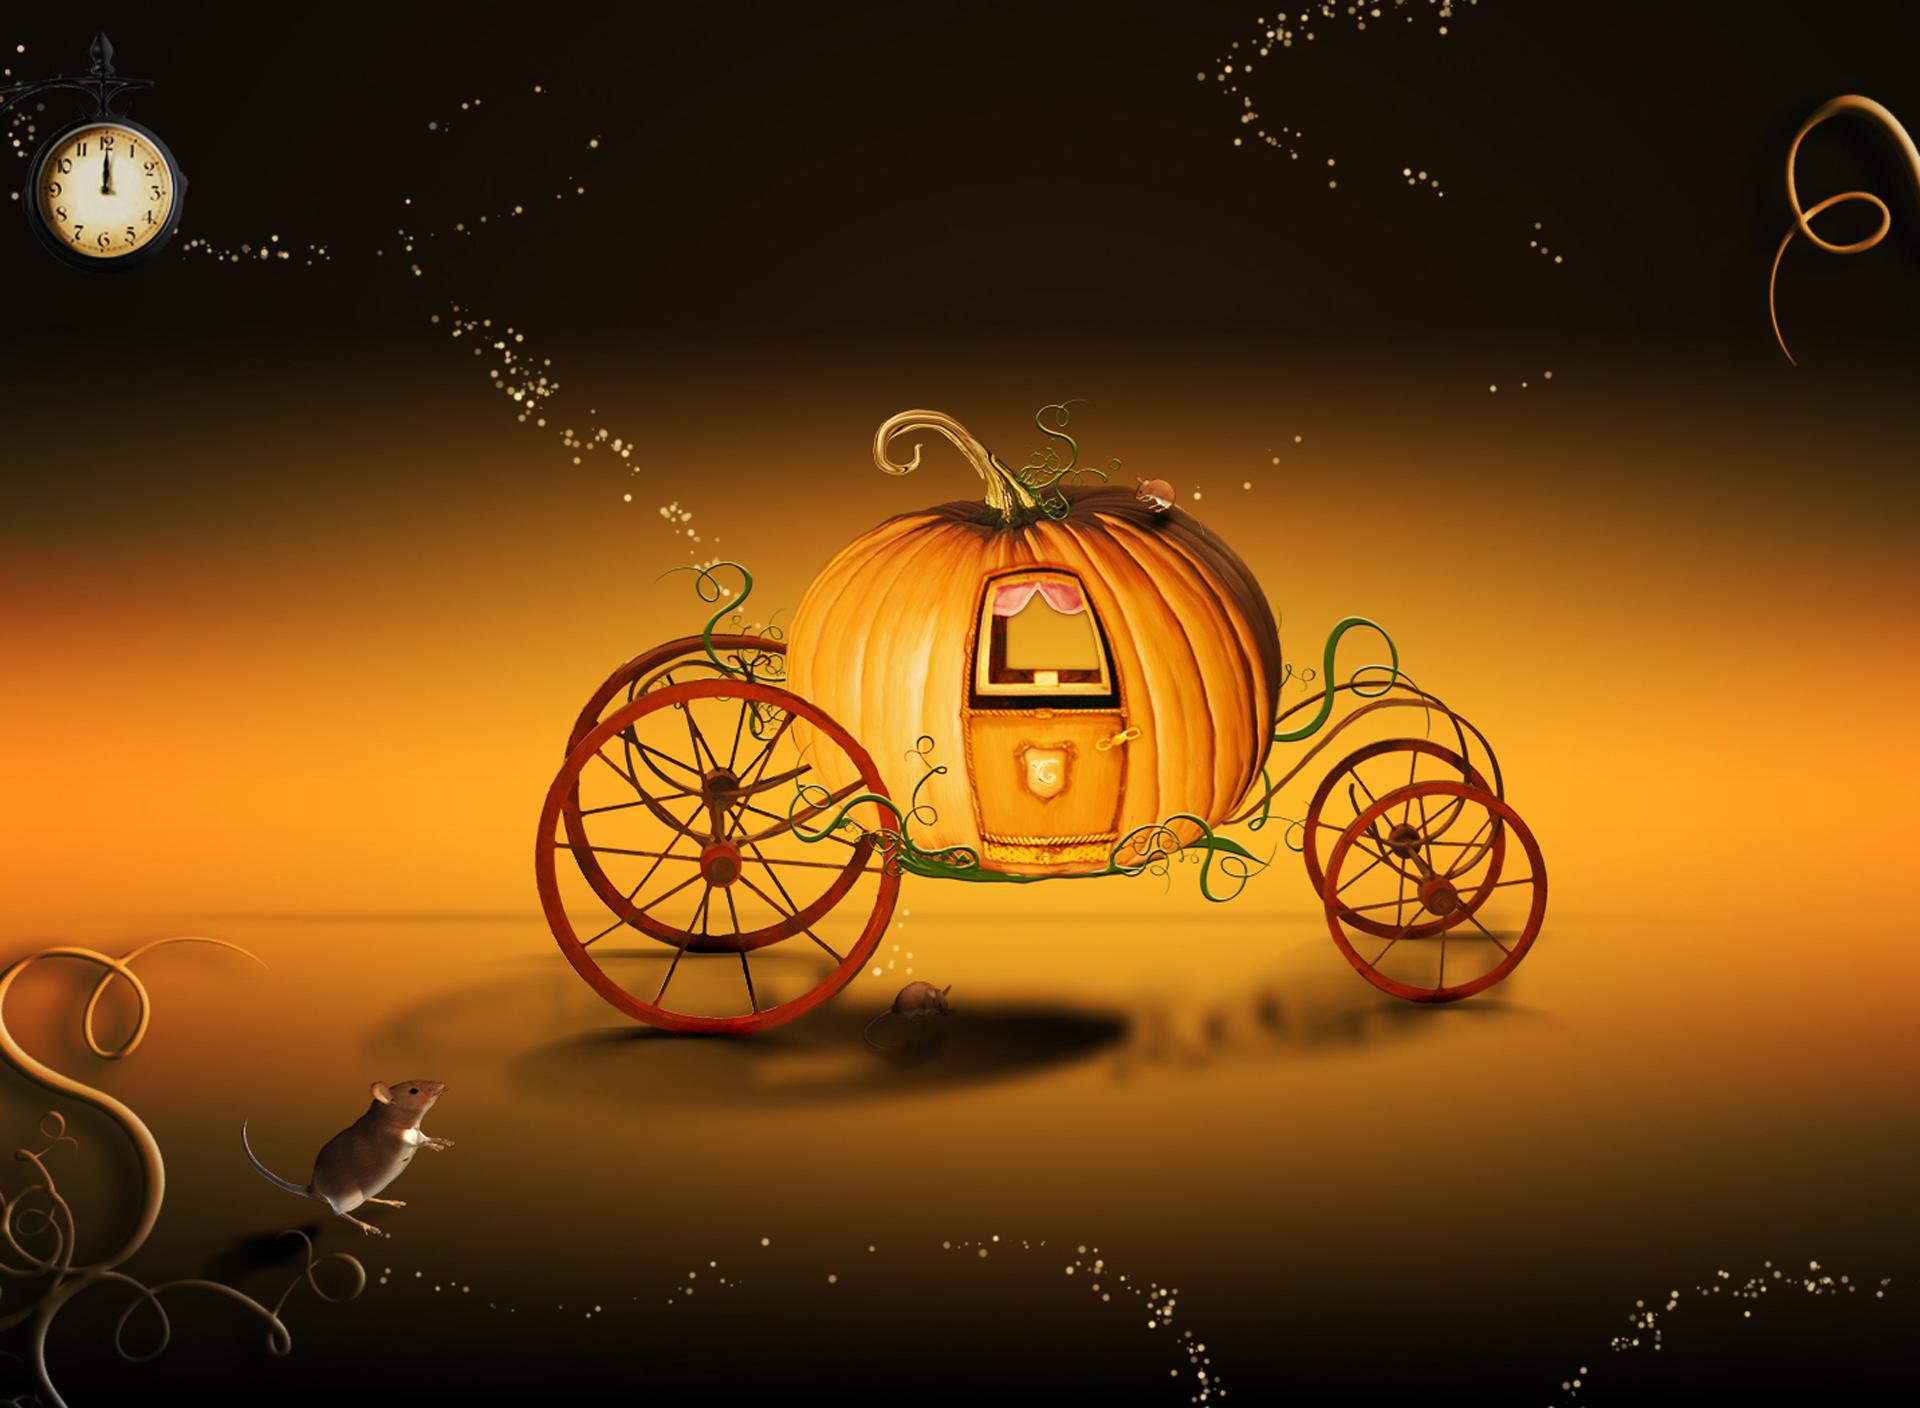 halloween pumpkin 1920x1408 Screensaver wallpaper 1920x1408